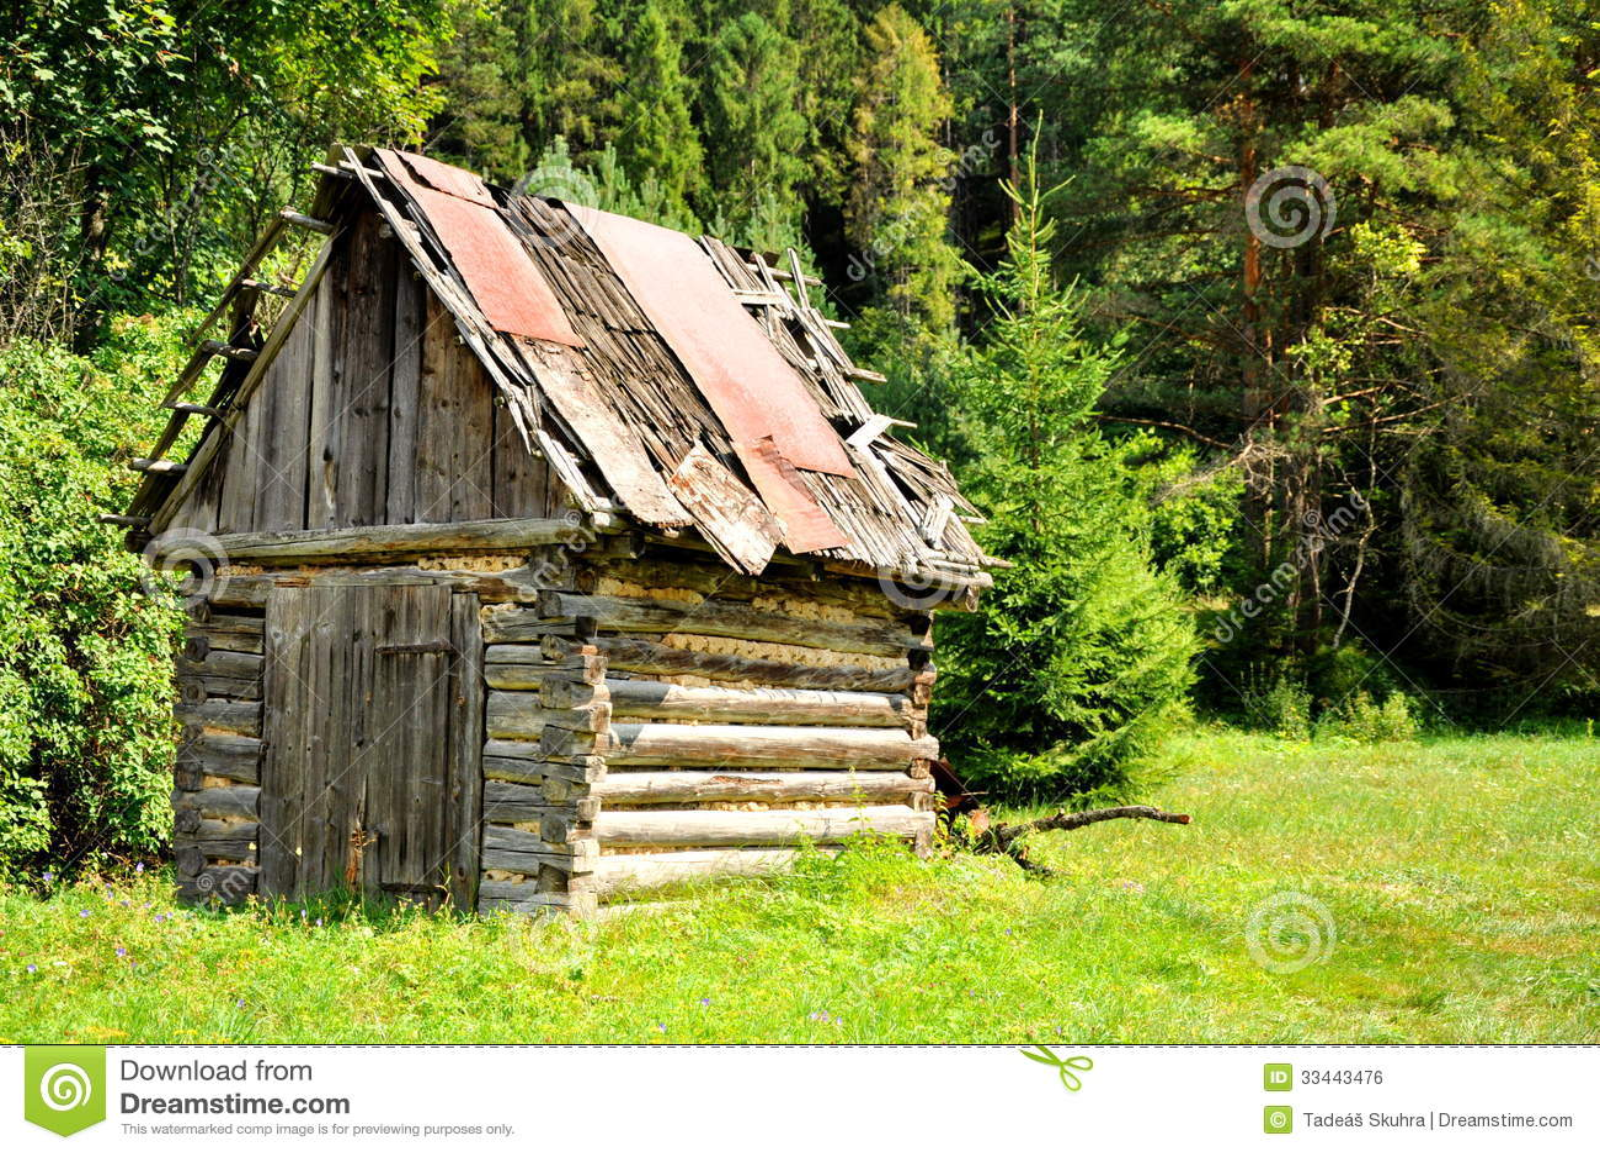 Oude Houten Hut Royalty-vrije Stock Afbeelding ...